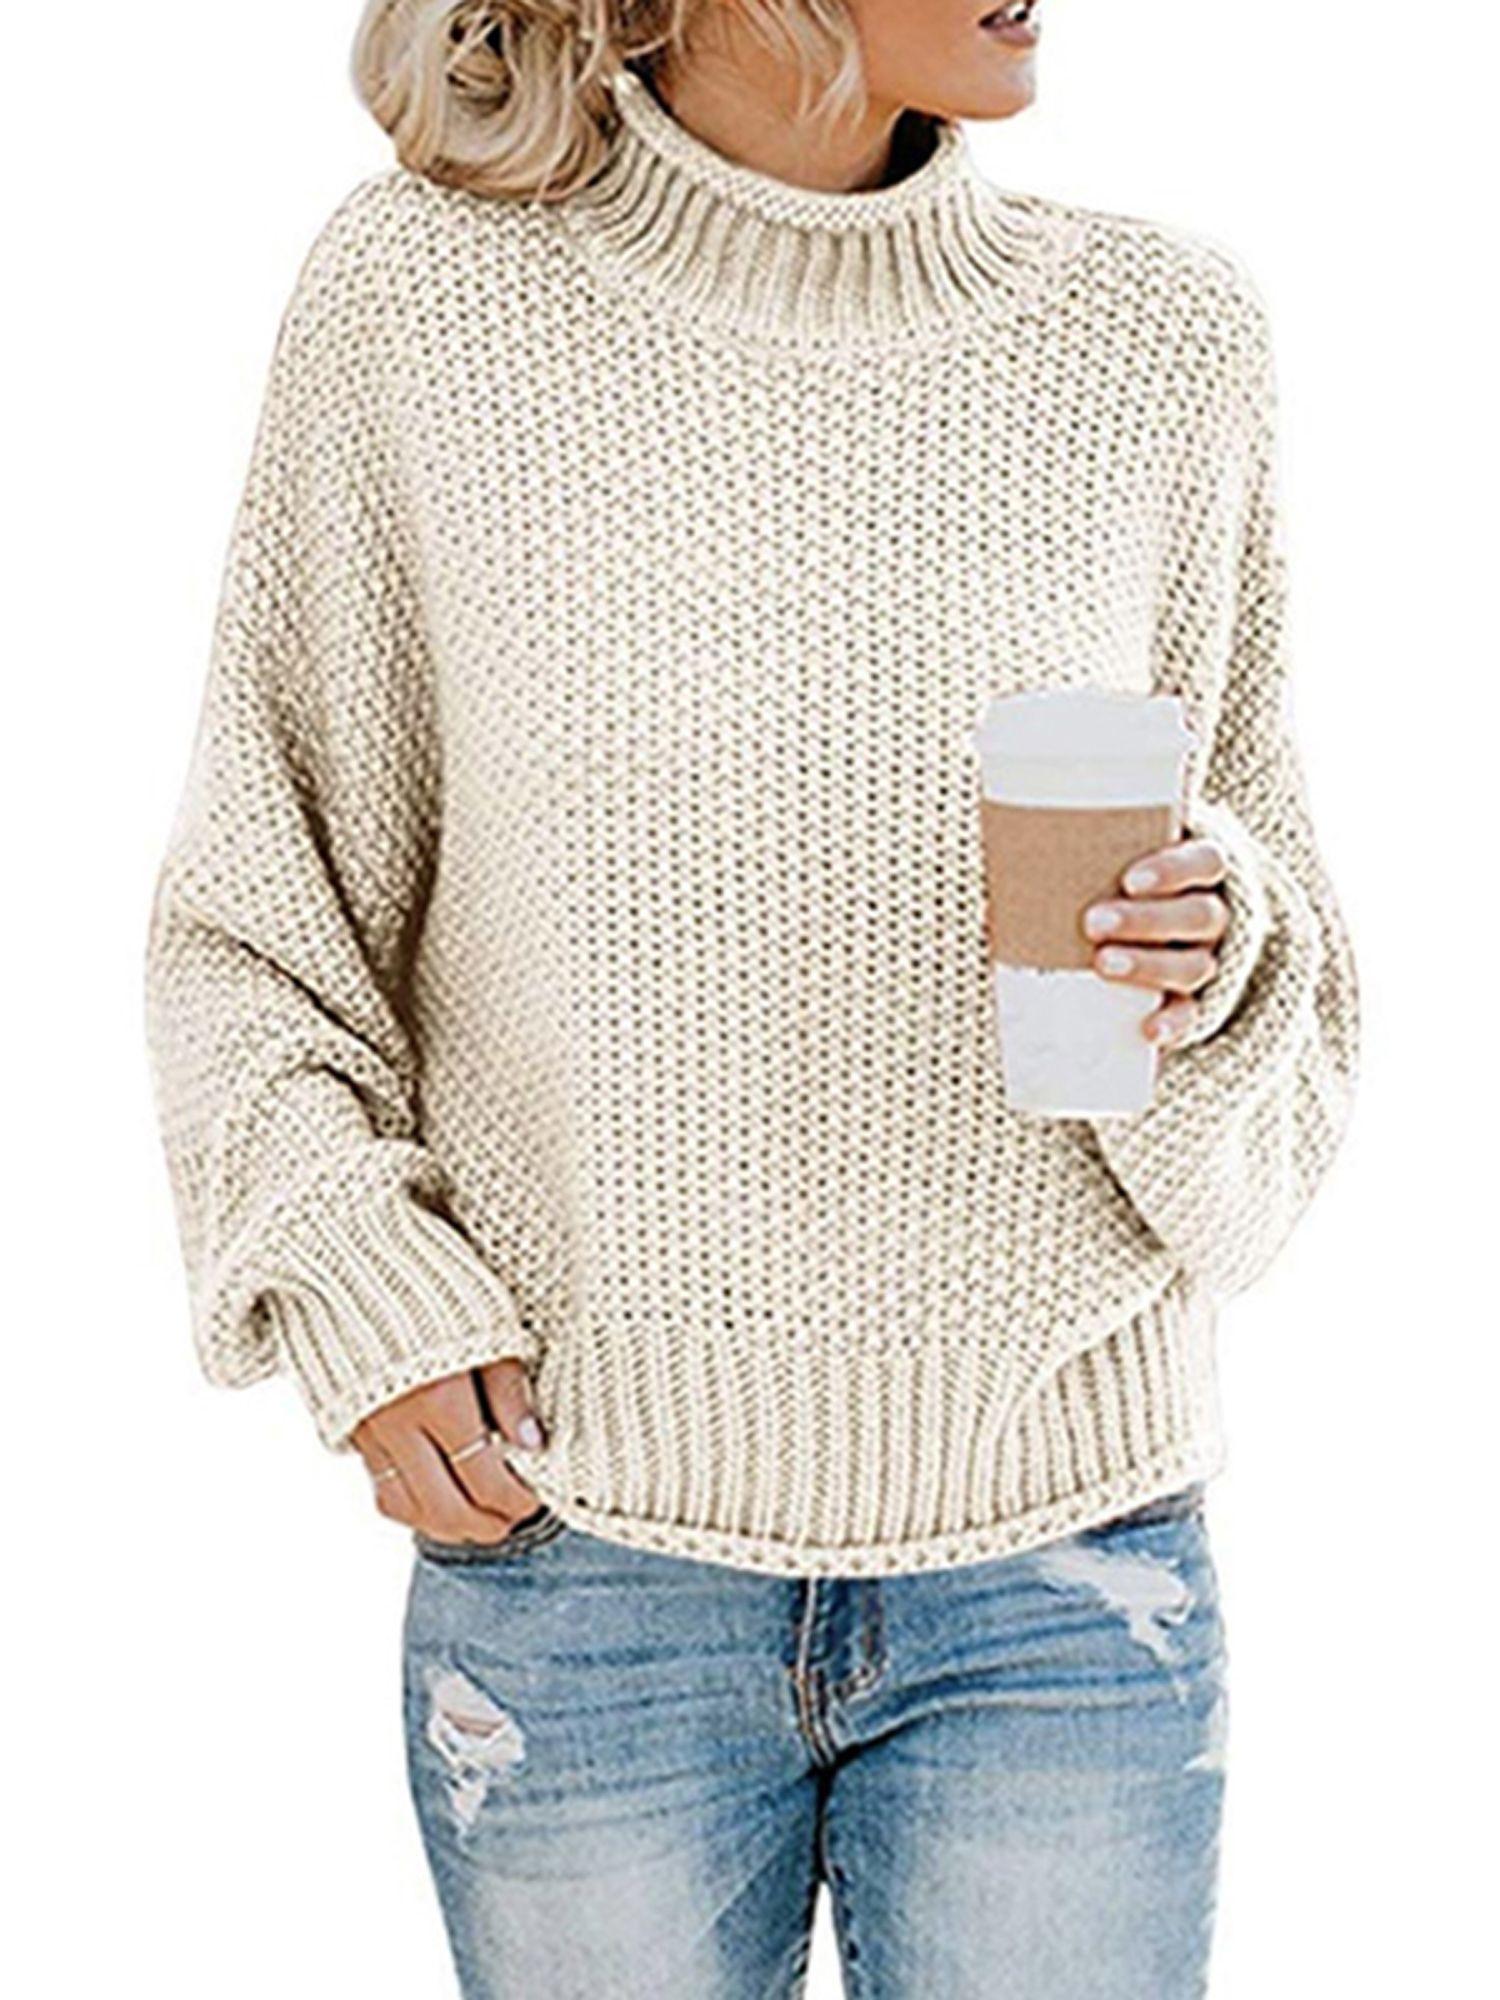 Women's Long Sleeve Sweaters Turtleneck Loose Soft